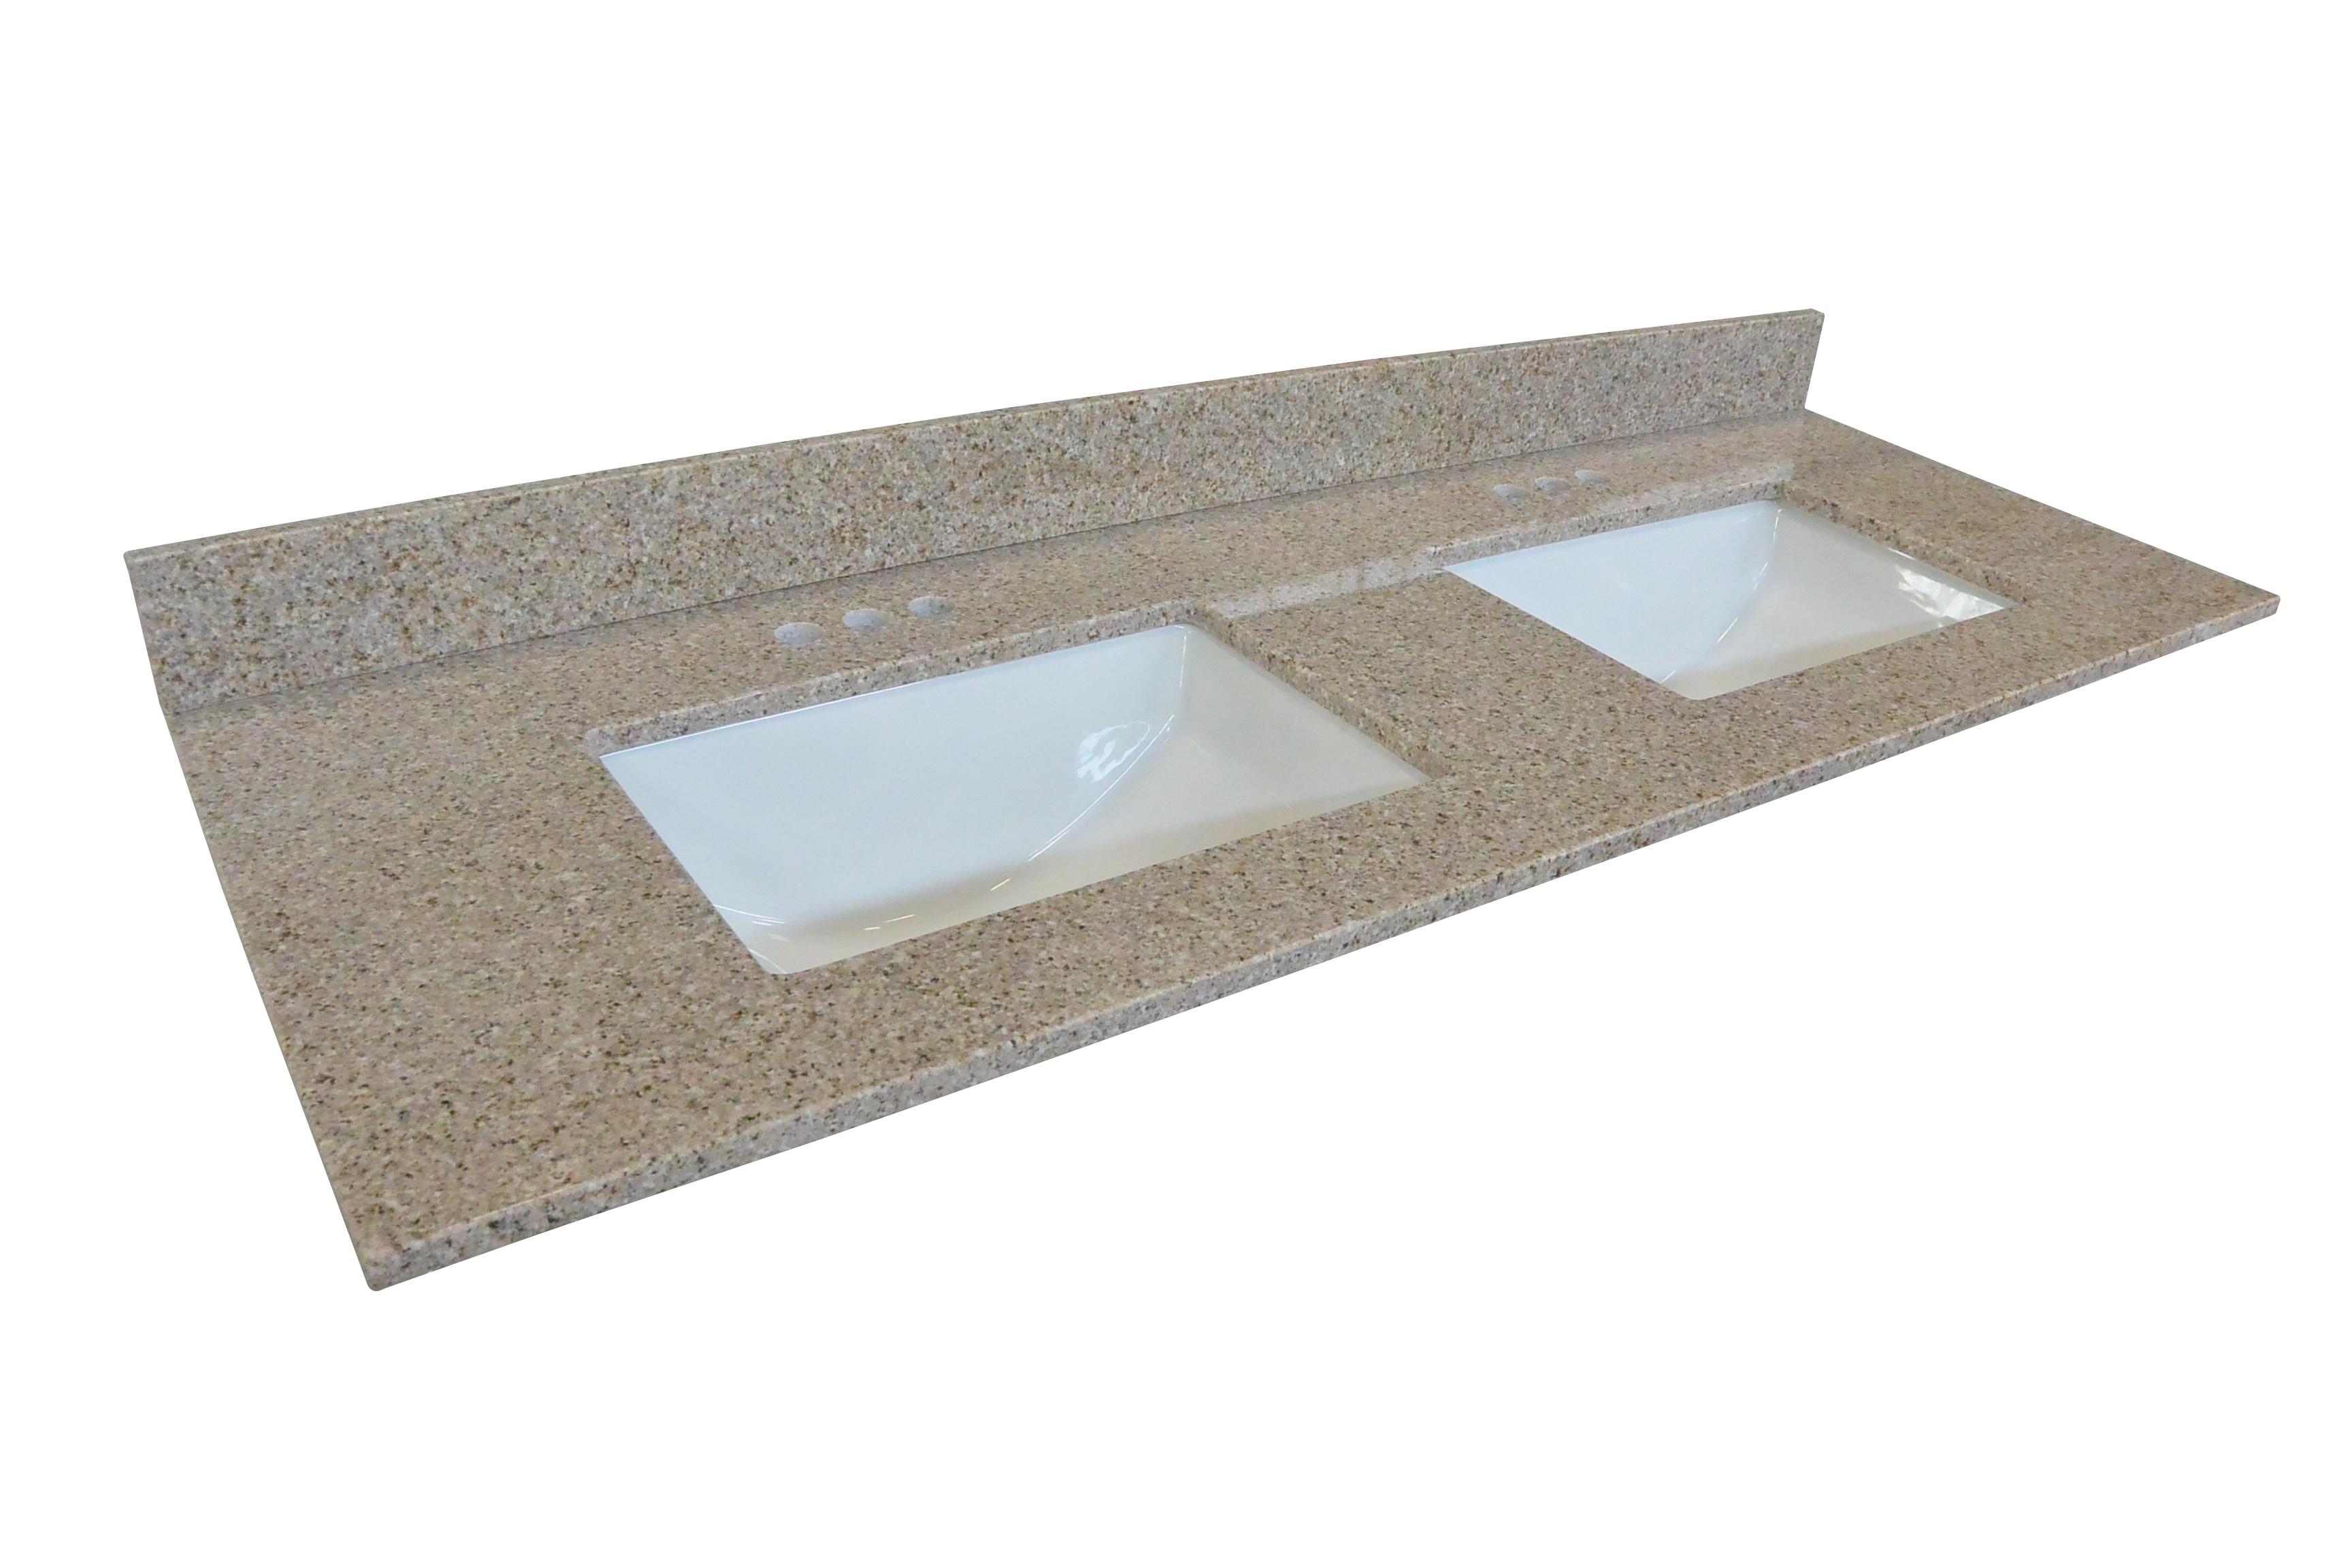 Granite Double Bowl Vanity Top : Double bowl granite vanity top quot golden sand